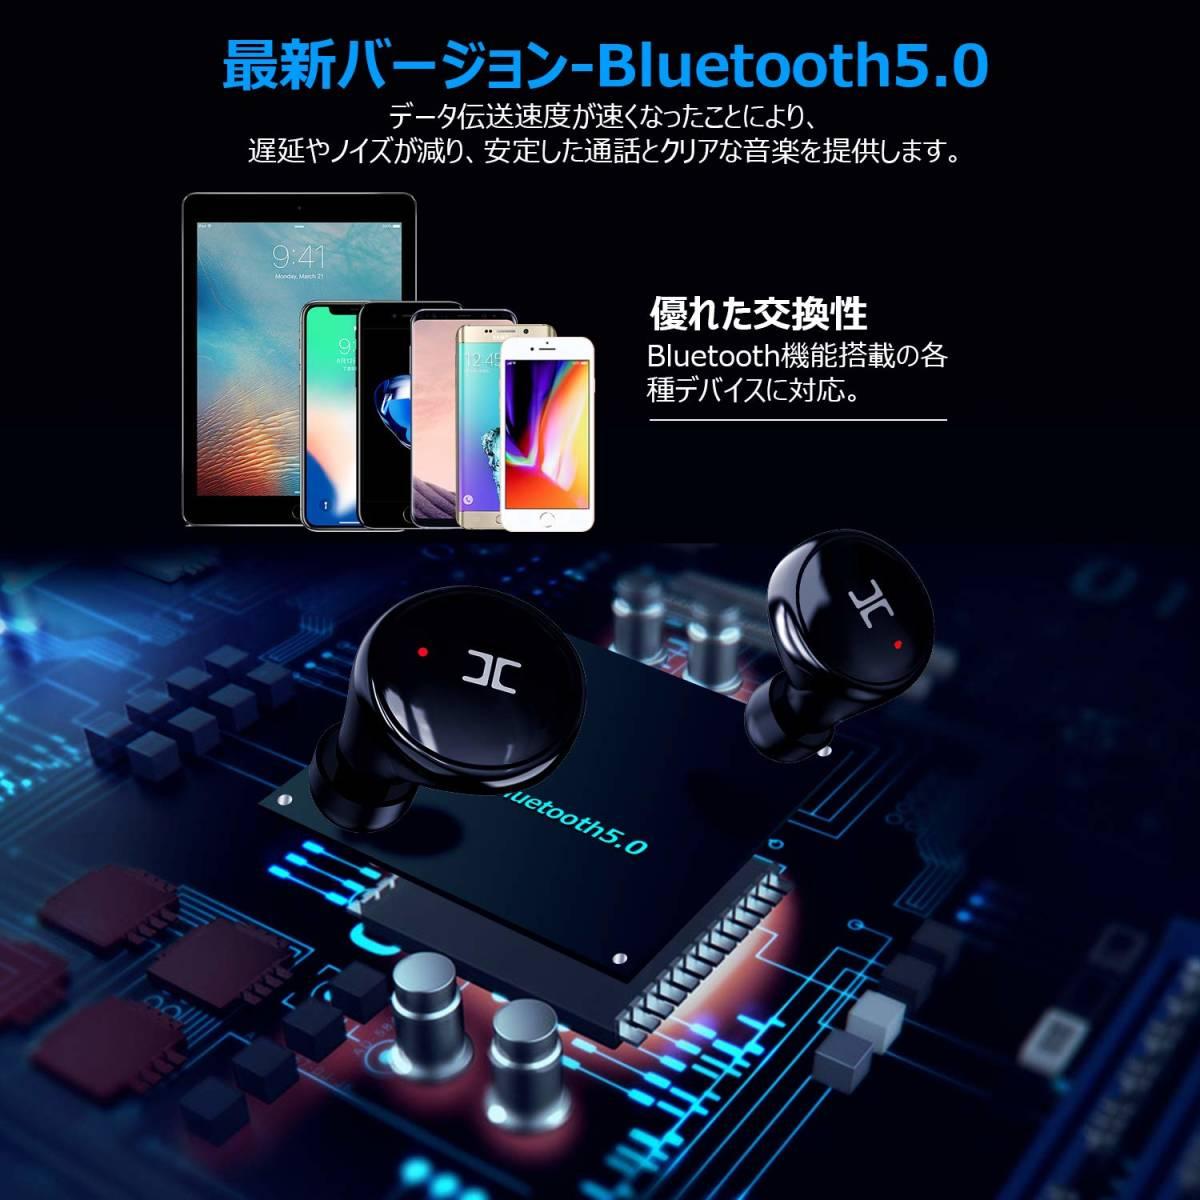 O420 新品 完全ワイヤレスイヤホン Bluetooth イヤホン イヤフォン ワイヤレスイヤホン IPX8 Bluetooth5.0 iPhone Android 対応 おすすめ_画像7